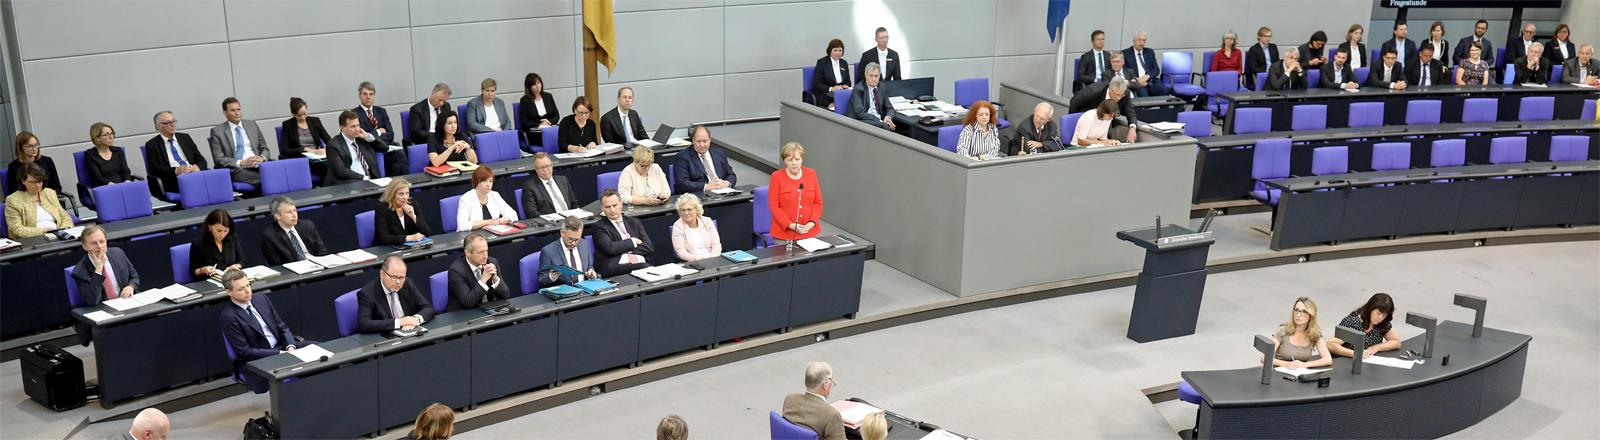 Angela Merkel bei der Befragung vor dem Bundestag am 6. Juni 2018